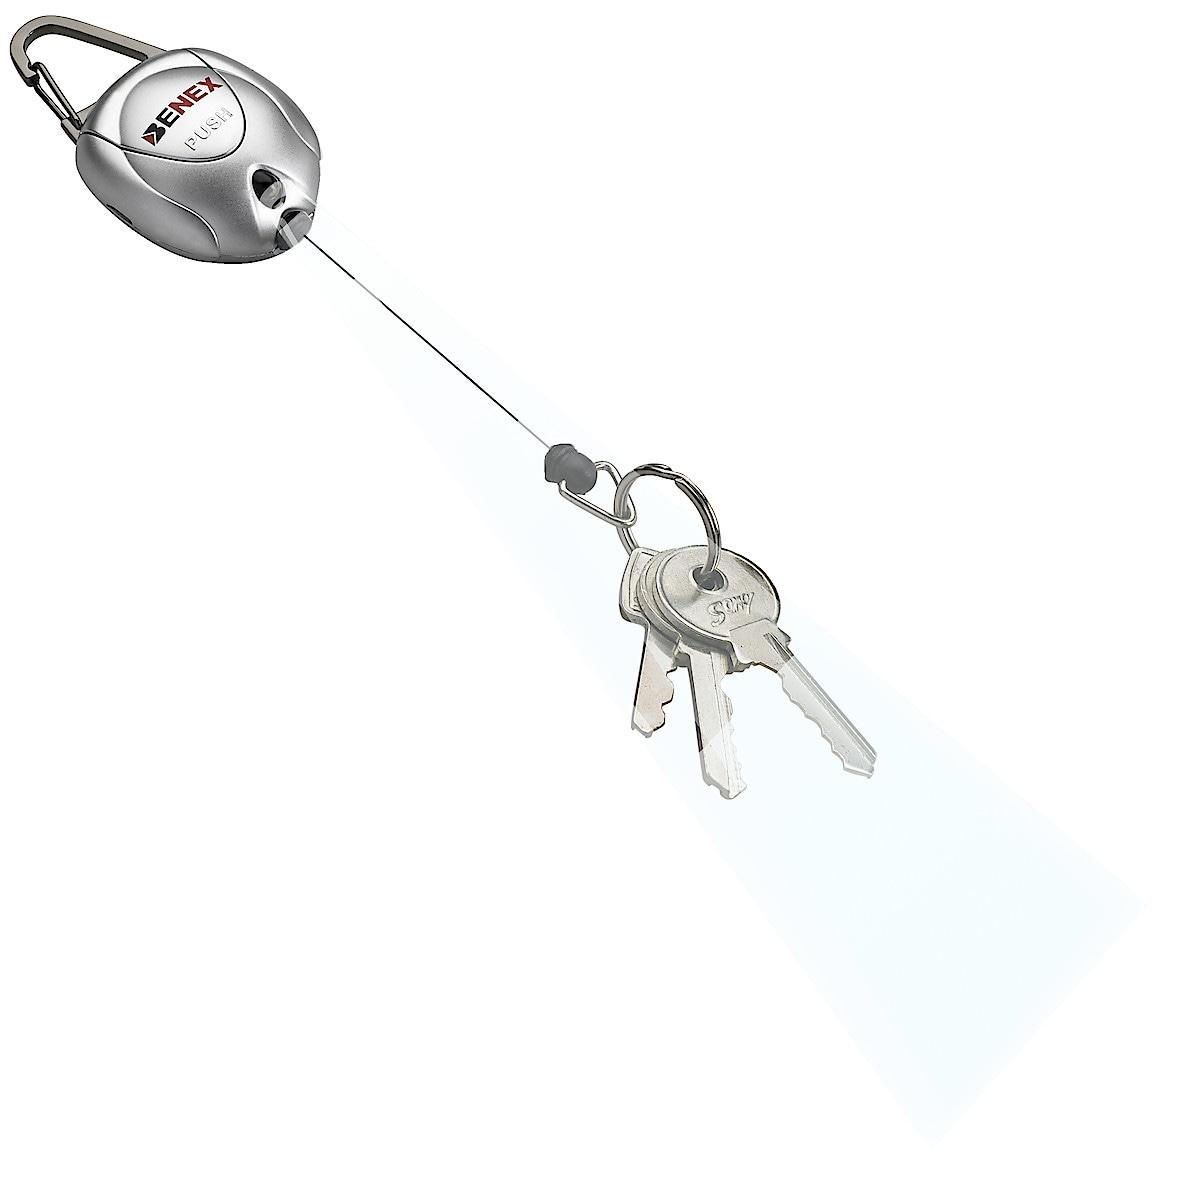 Nyckelring med nylonlina och lampa